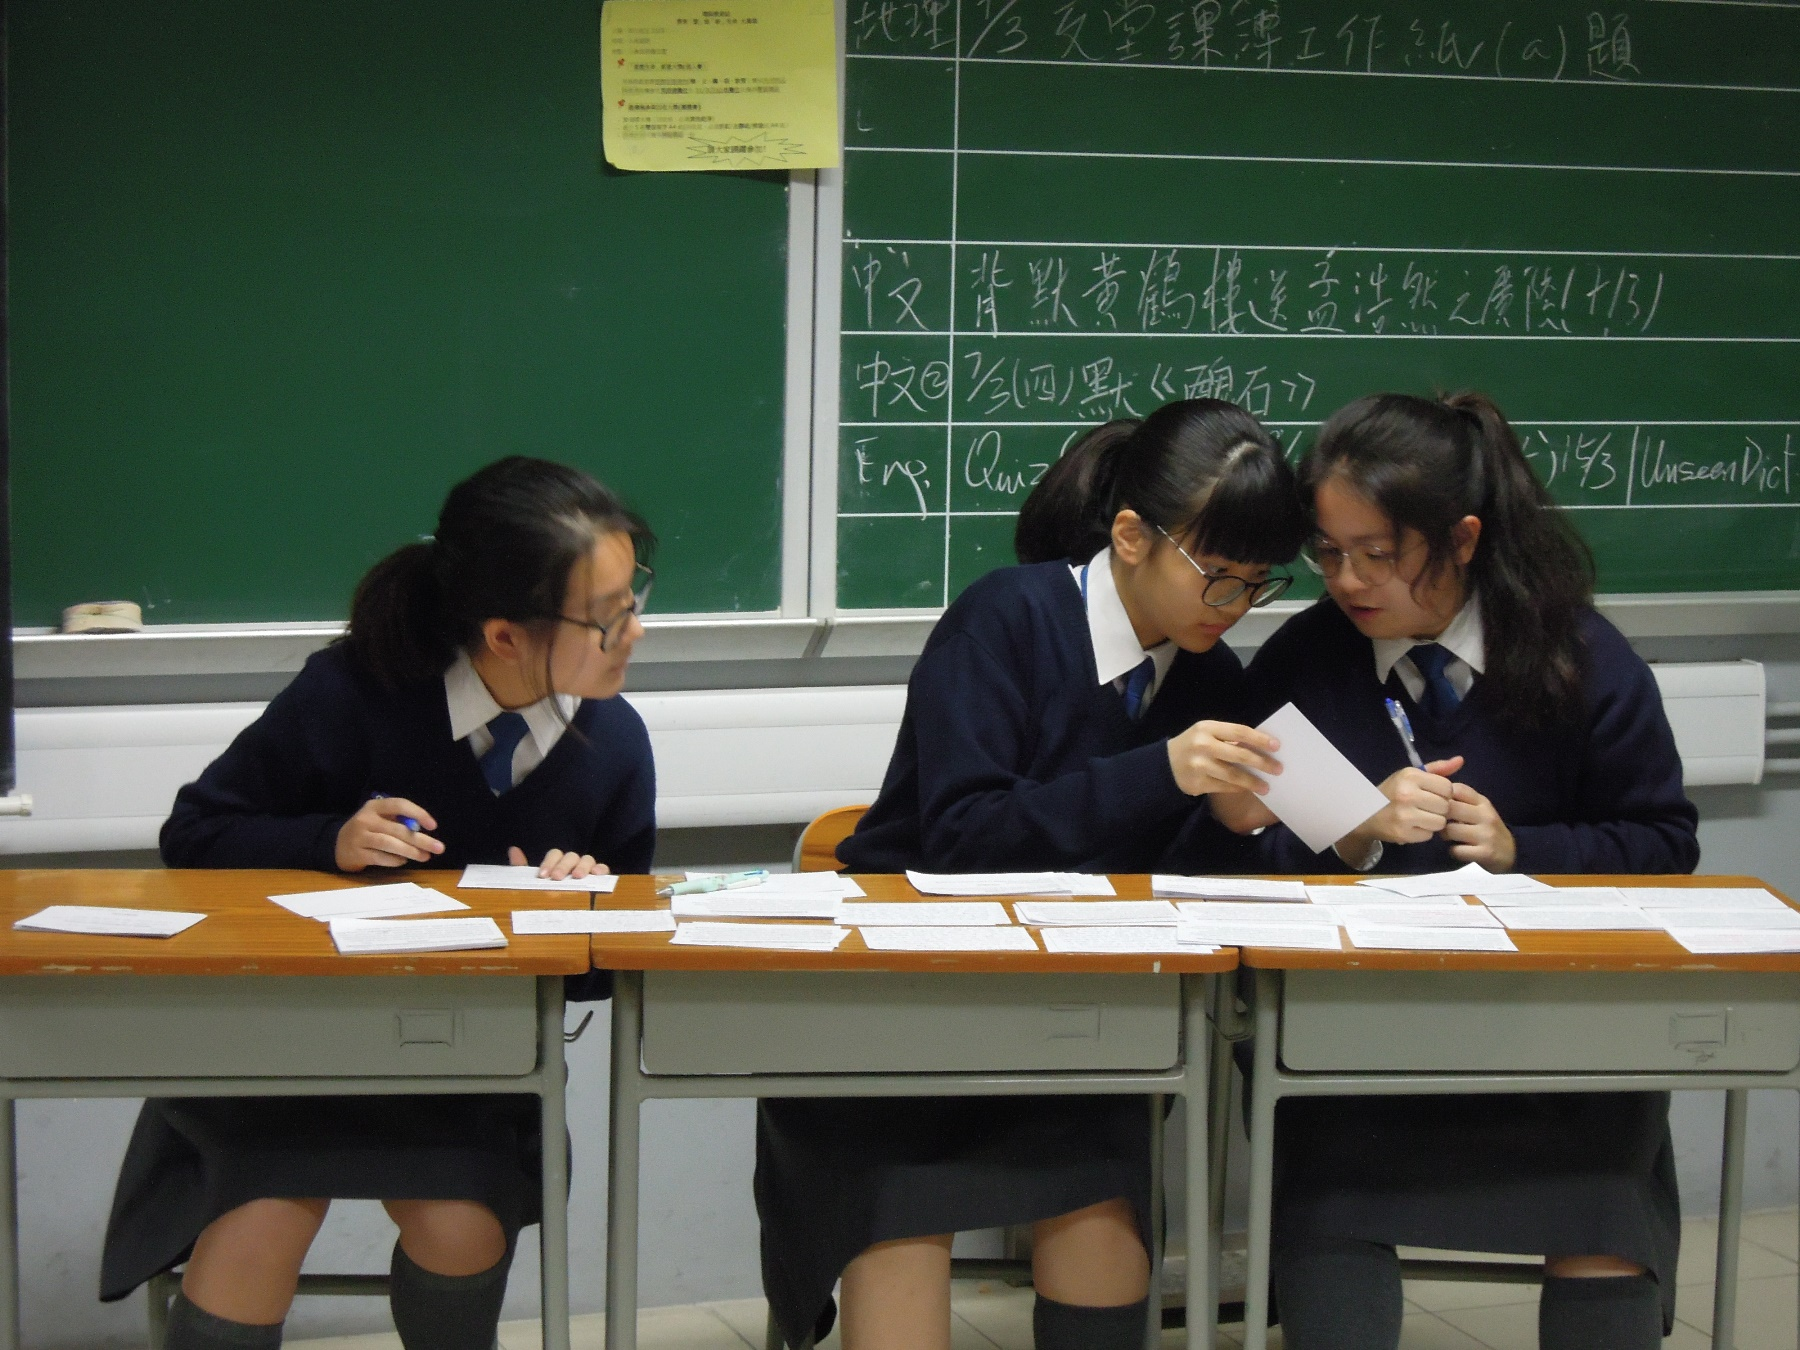 http://npc.edu.hk/sites/default/files/n_rebuttal_1.jpg